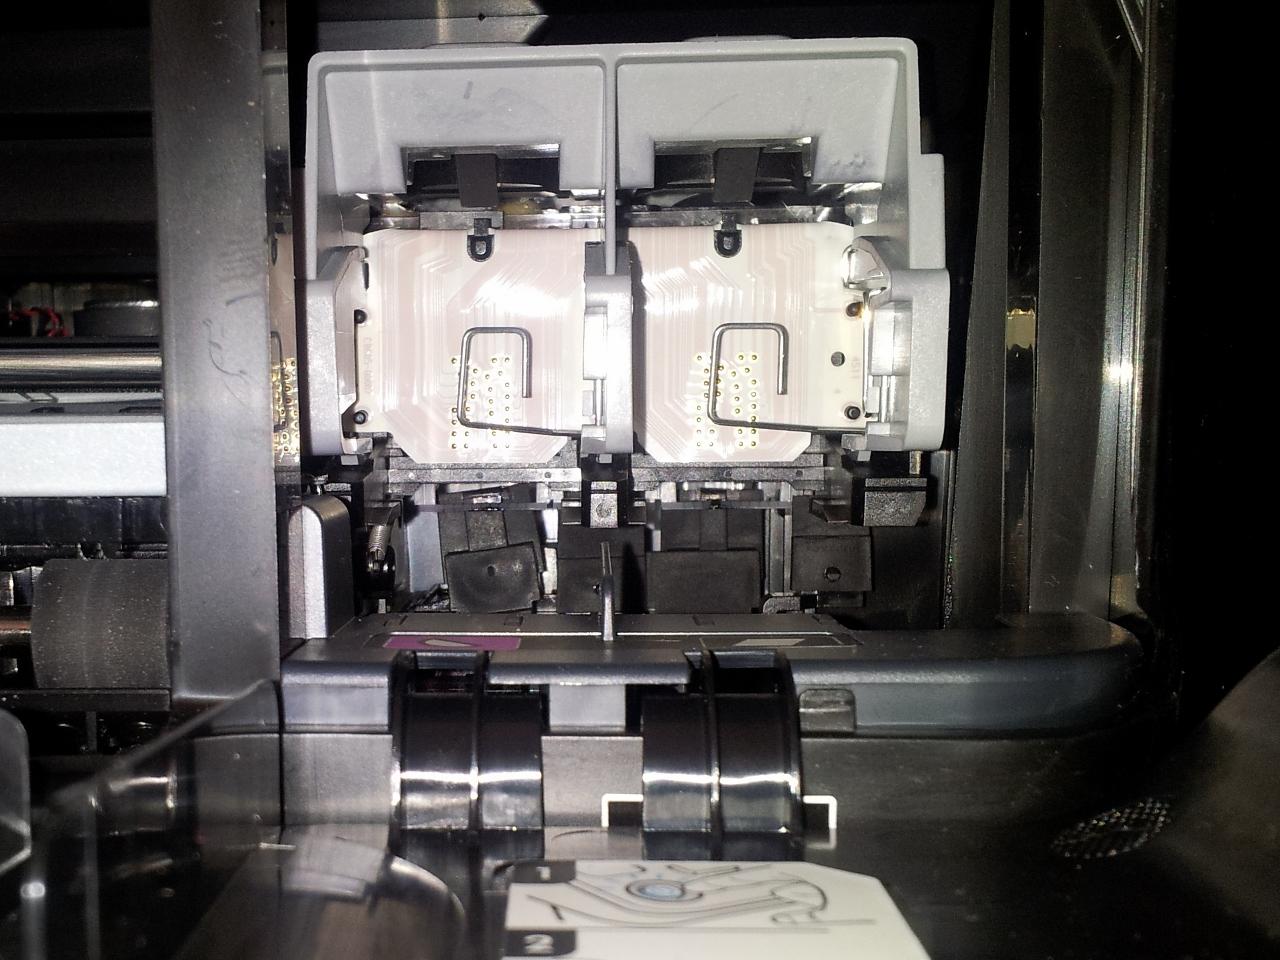 Hp officejet 4500, 4575 printers replacing ink cartridges | hp.